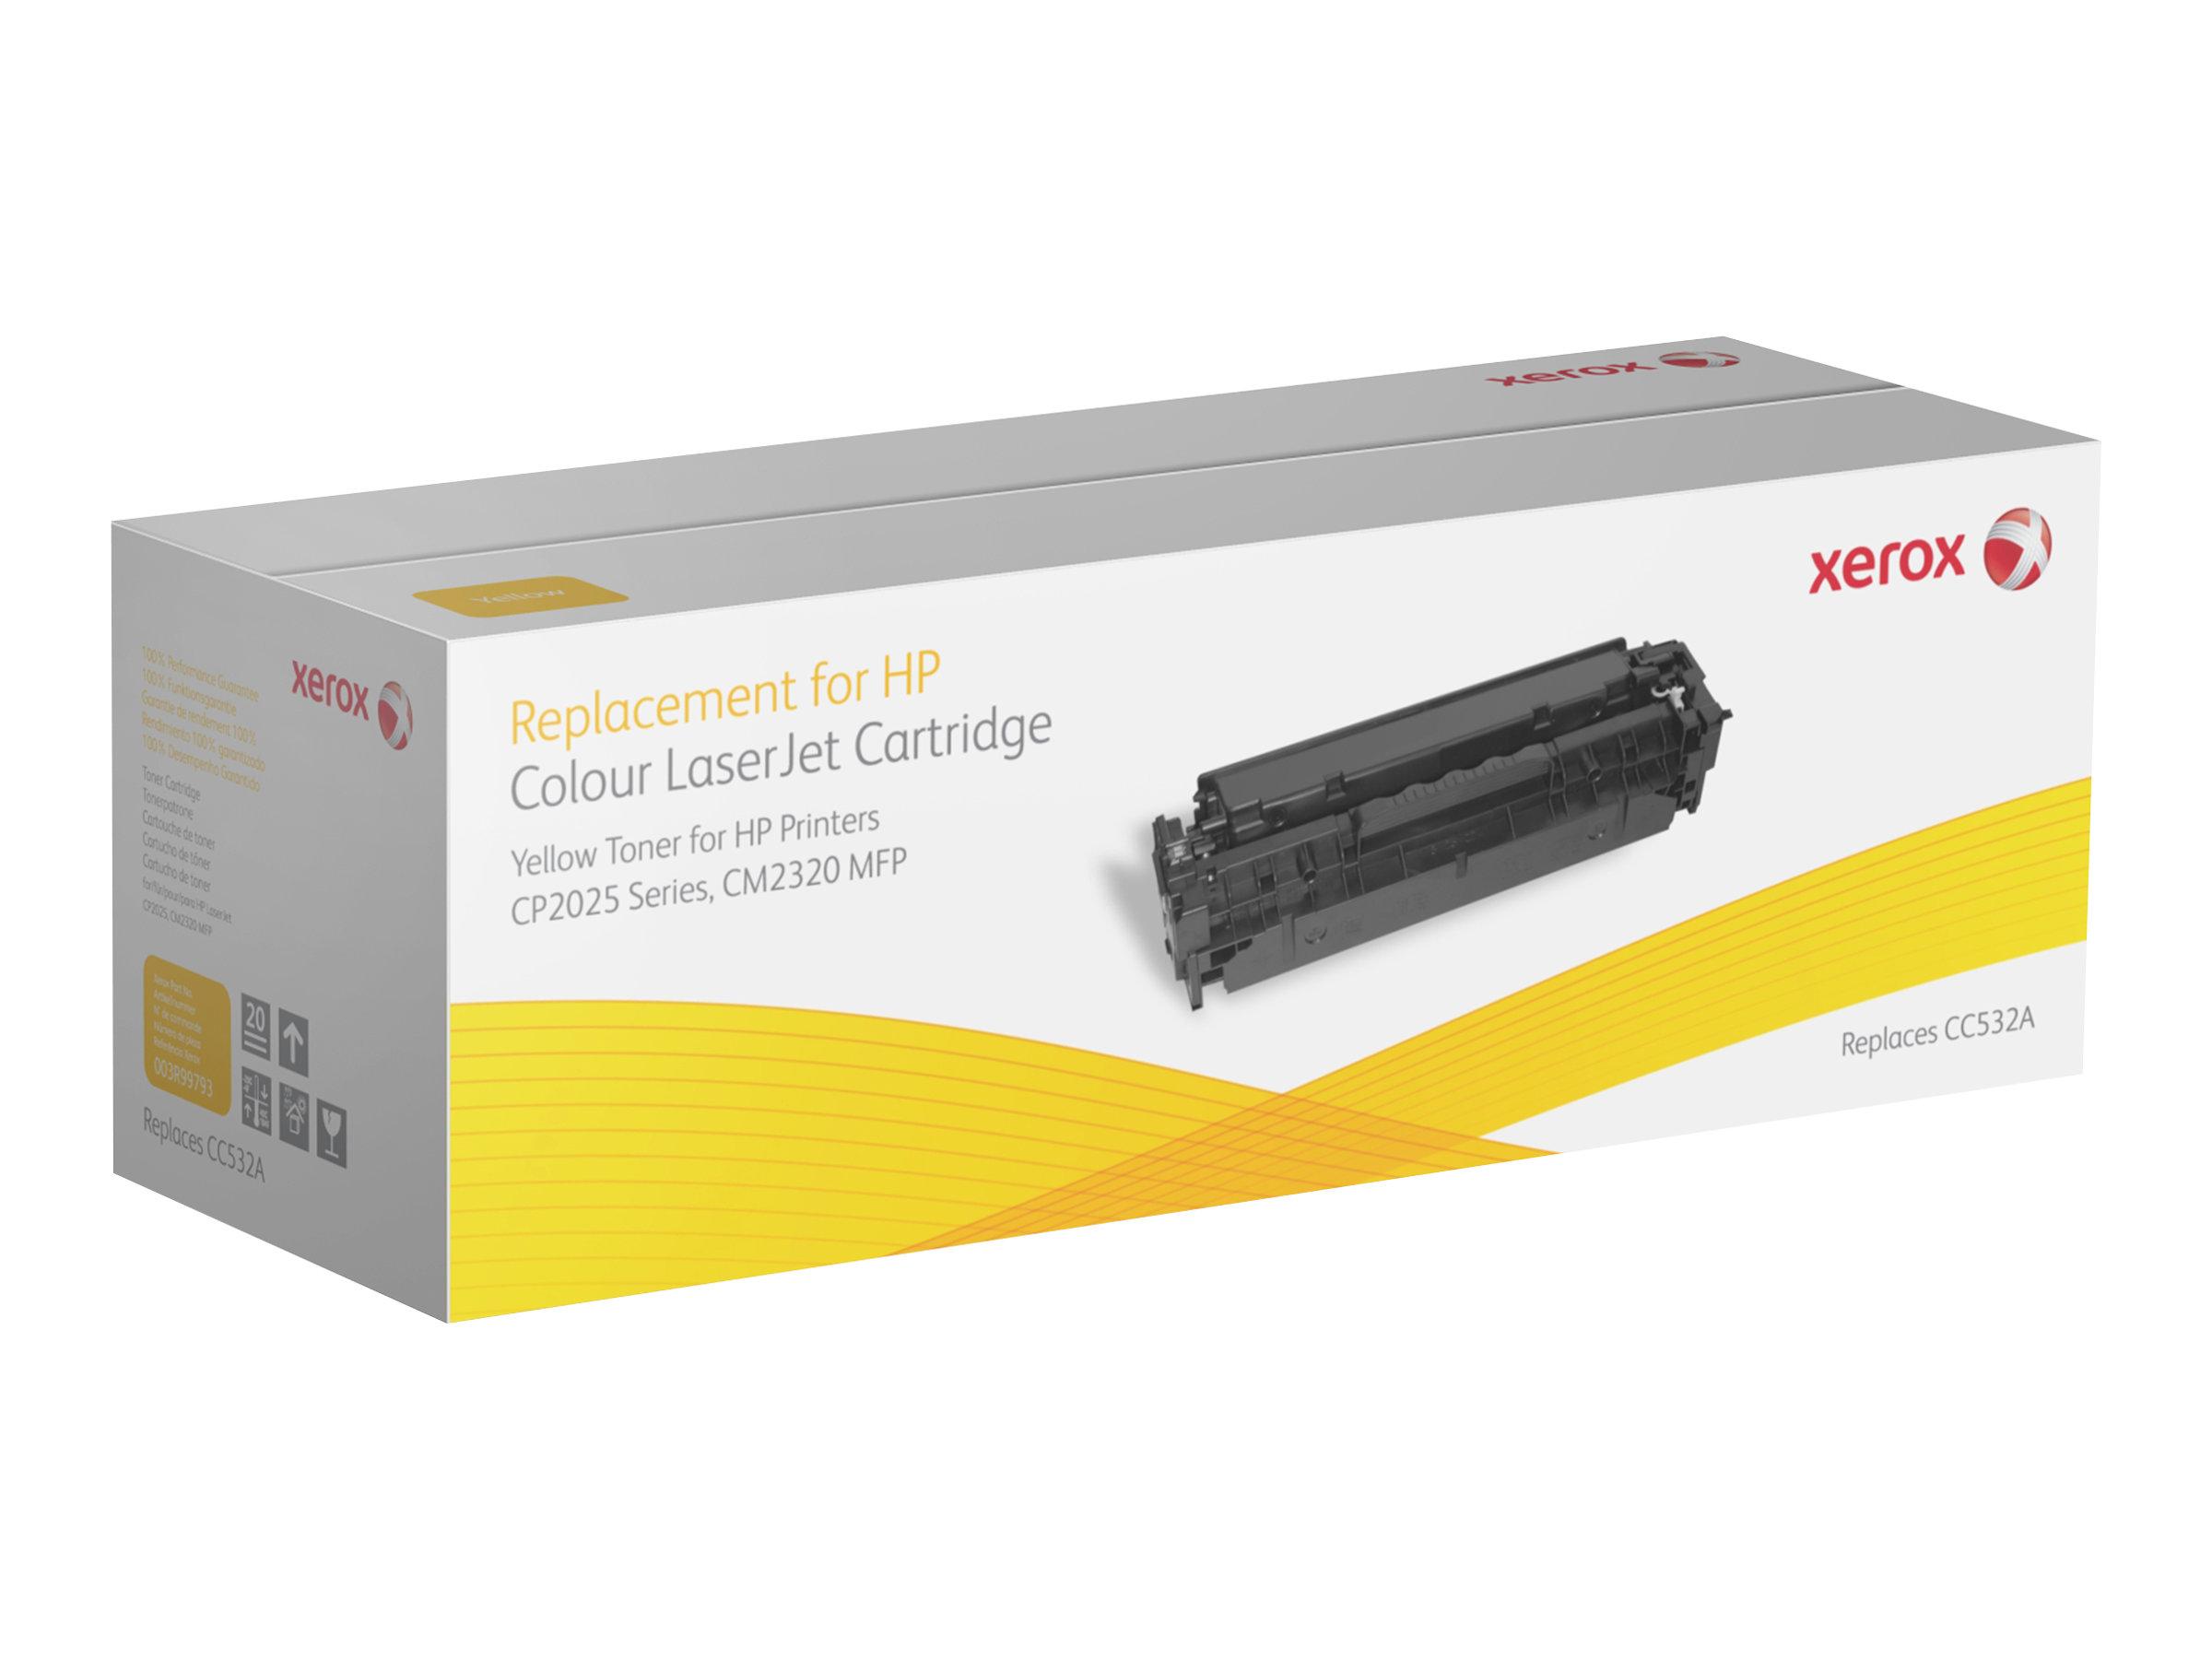 Xerox HP Colour LaserJet CM2320 MFP series - jaune - cartouche de toner (alternative pour: HP CC532A)